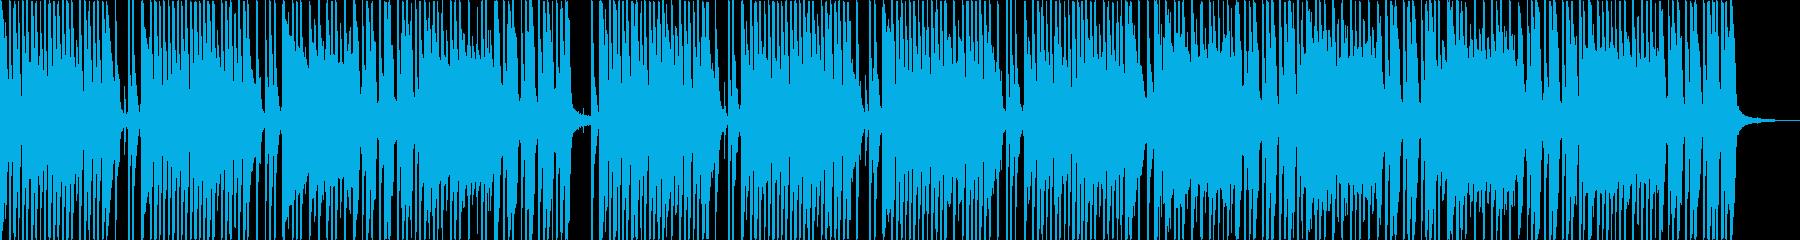 懐かしのアメリカンポップスタイル。の再生済みの波形